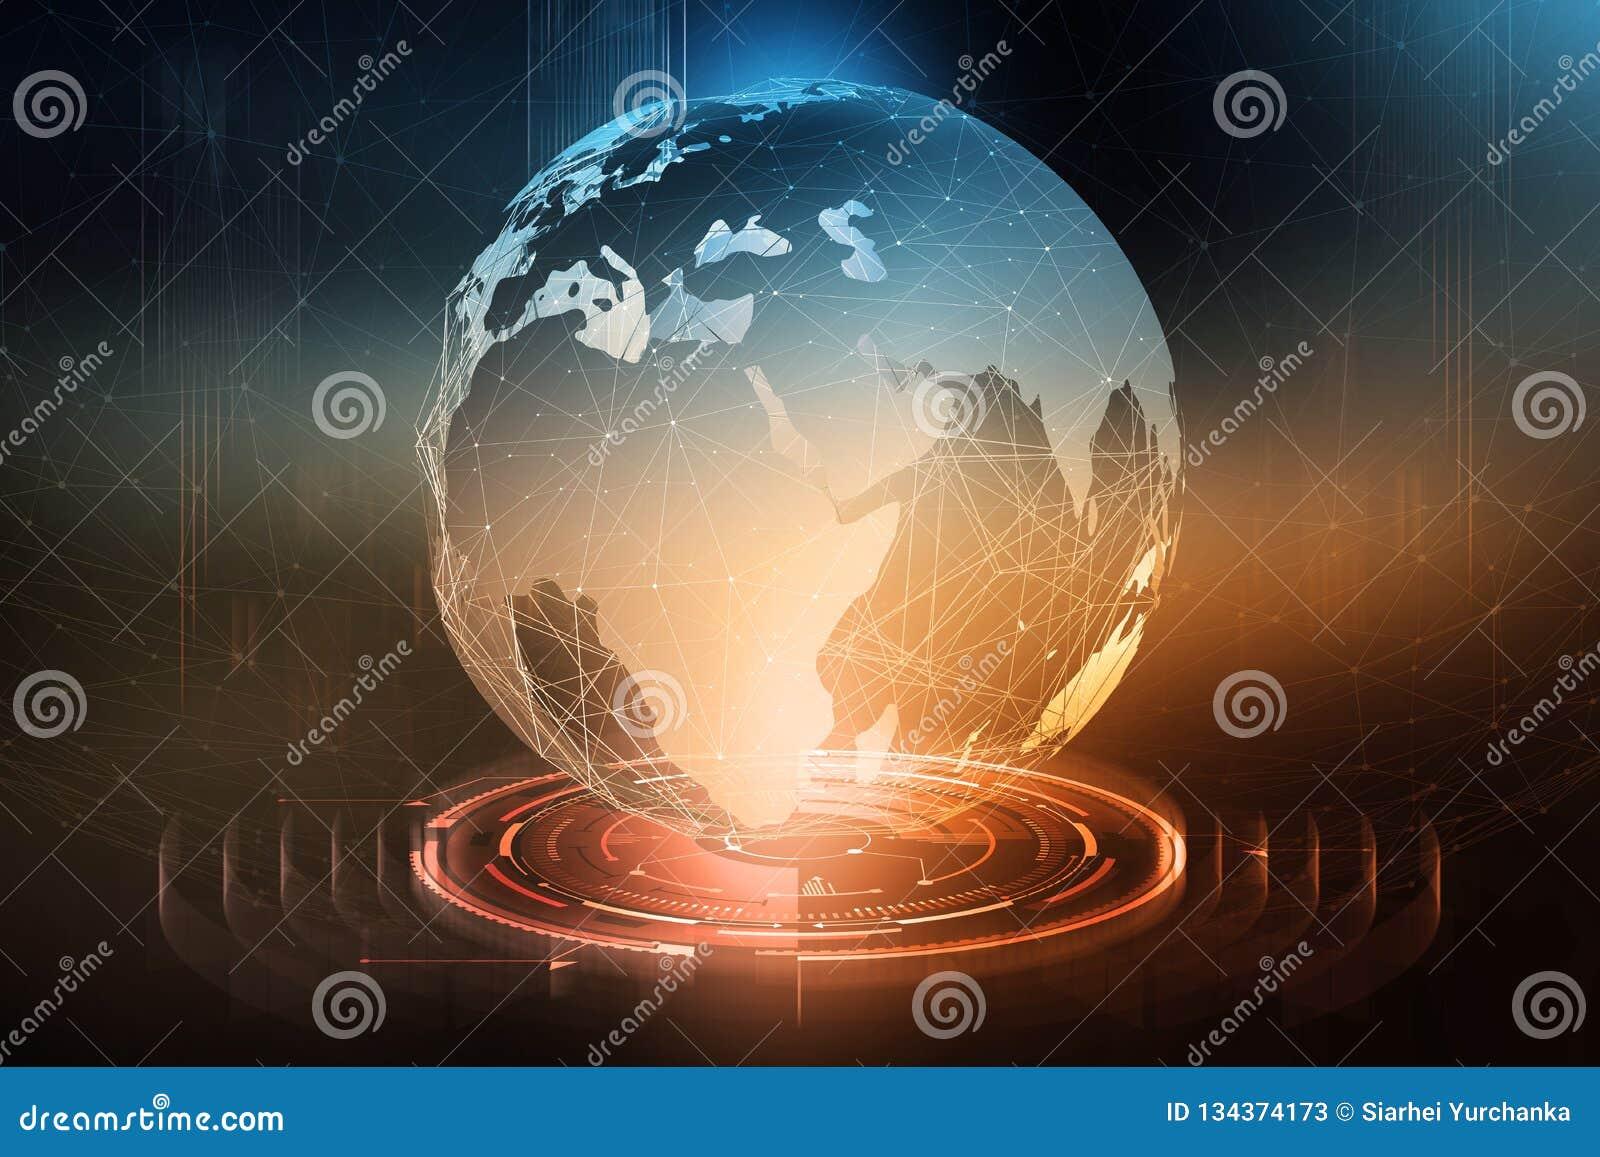 Globale gegevensuitwisseling Vorming van een planetarisch communicatienetwerk Zaken op het gebied van digitale technologieën